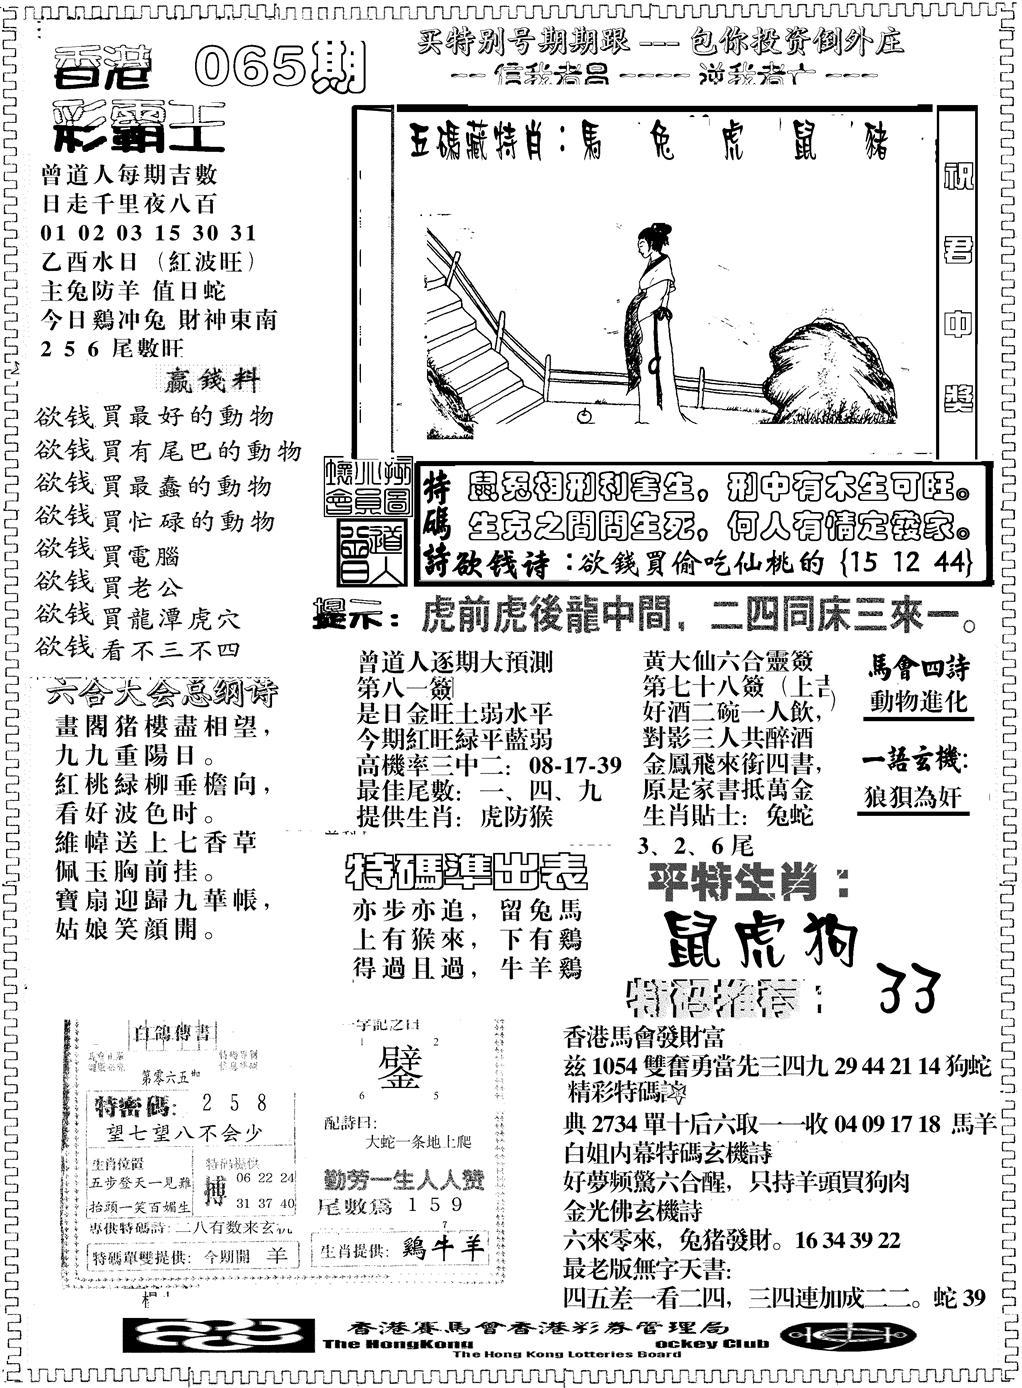 065期彩霸王综合B(黑白)